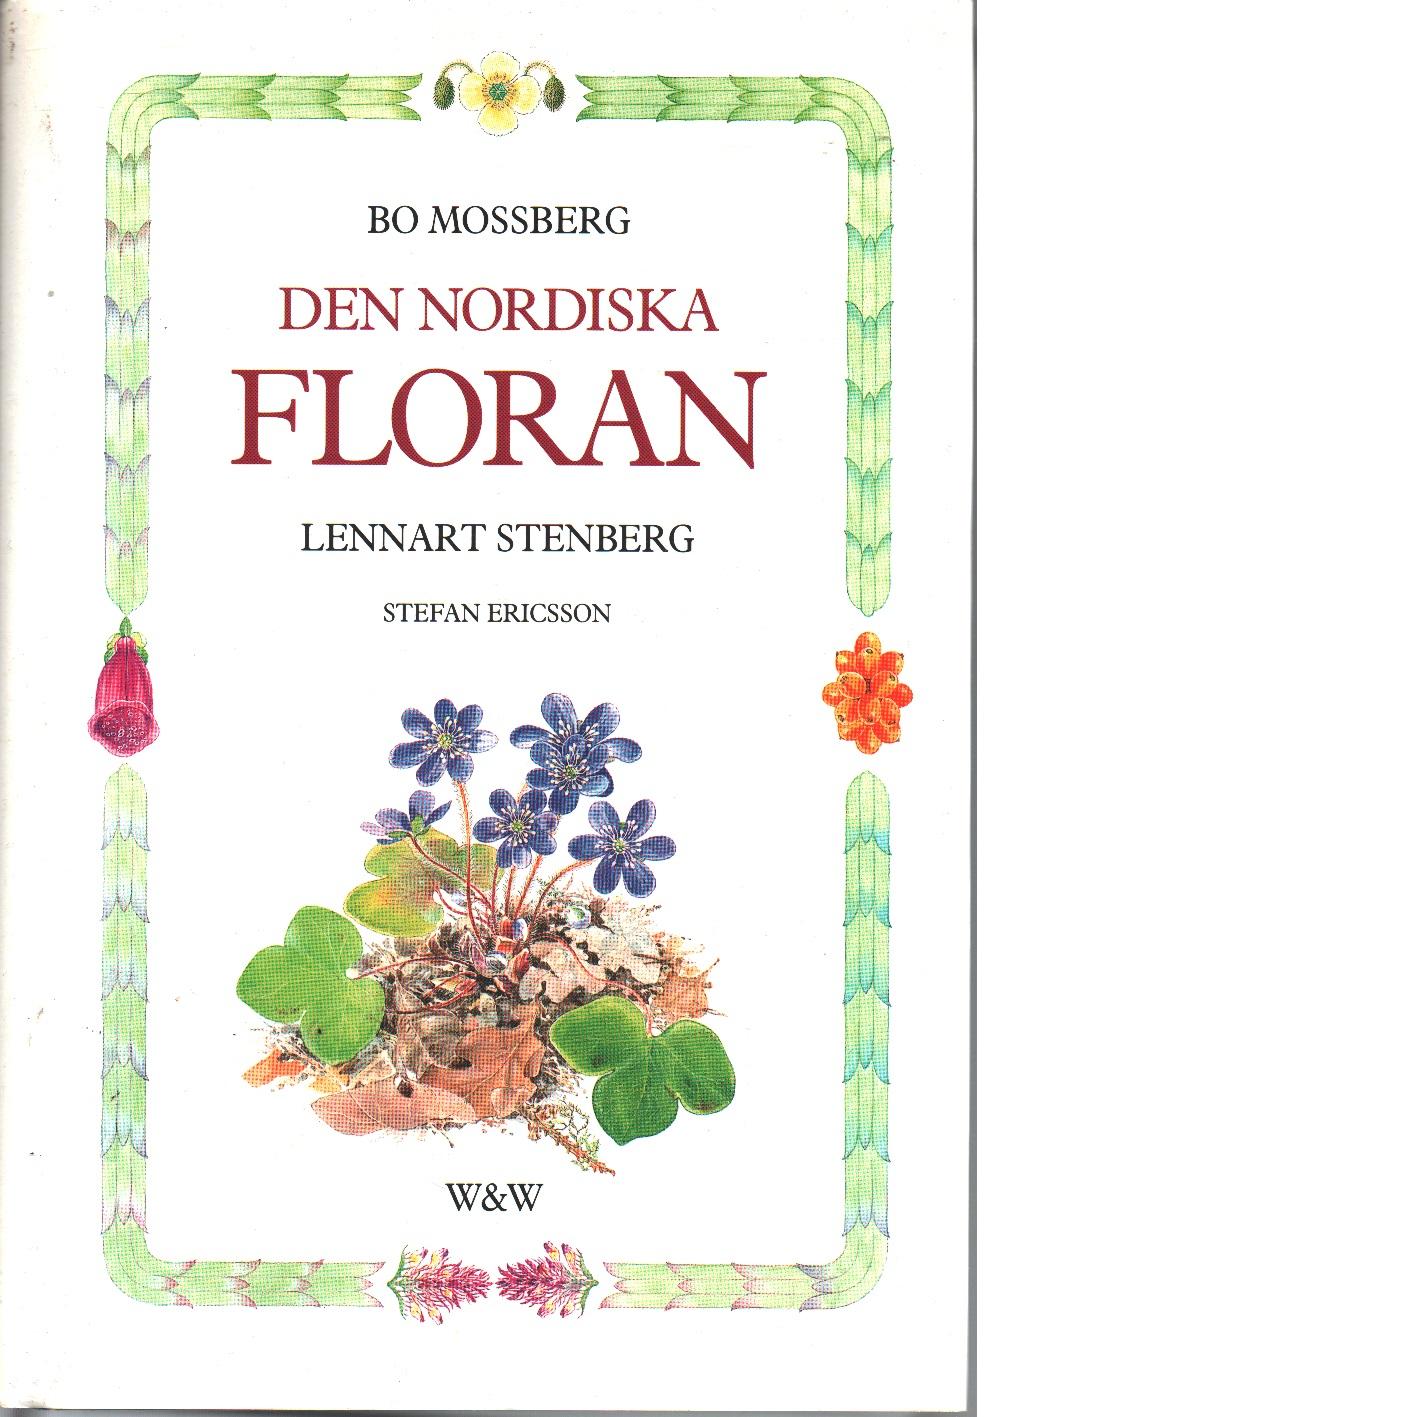 Den nordiska floran - Mossberg, Bo och Stenberg, Lennart samt Ericsson, Stefan